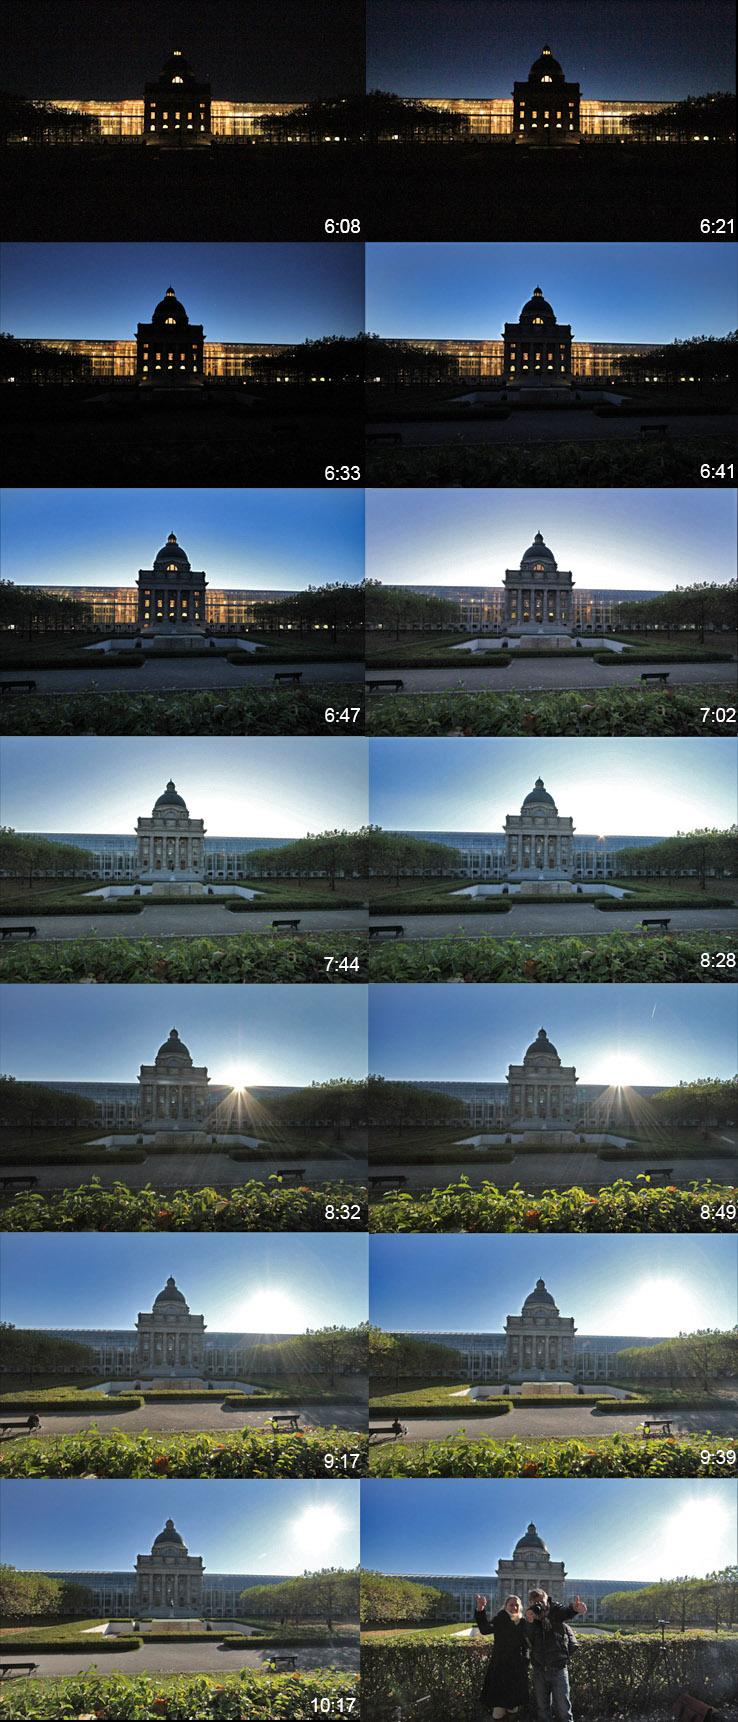 Vier Stunden Einzelbildaufnahme - für einen schnellen Sonnenaufgang hinter der Staatskanzlei.